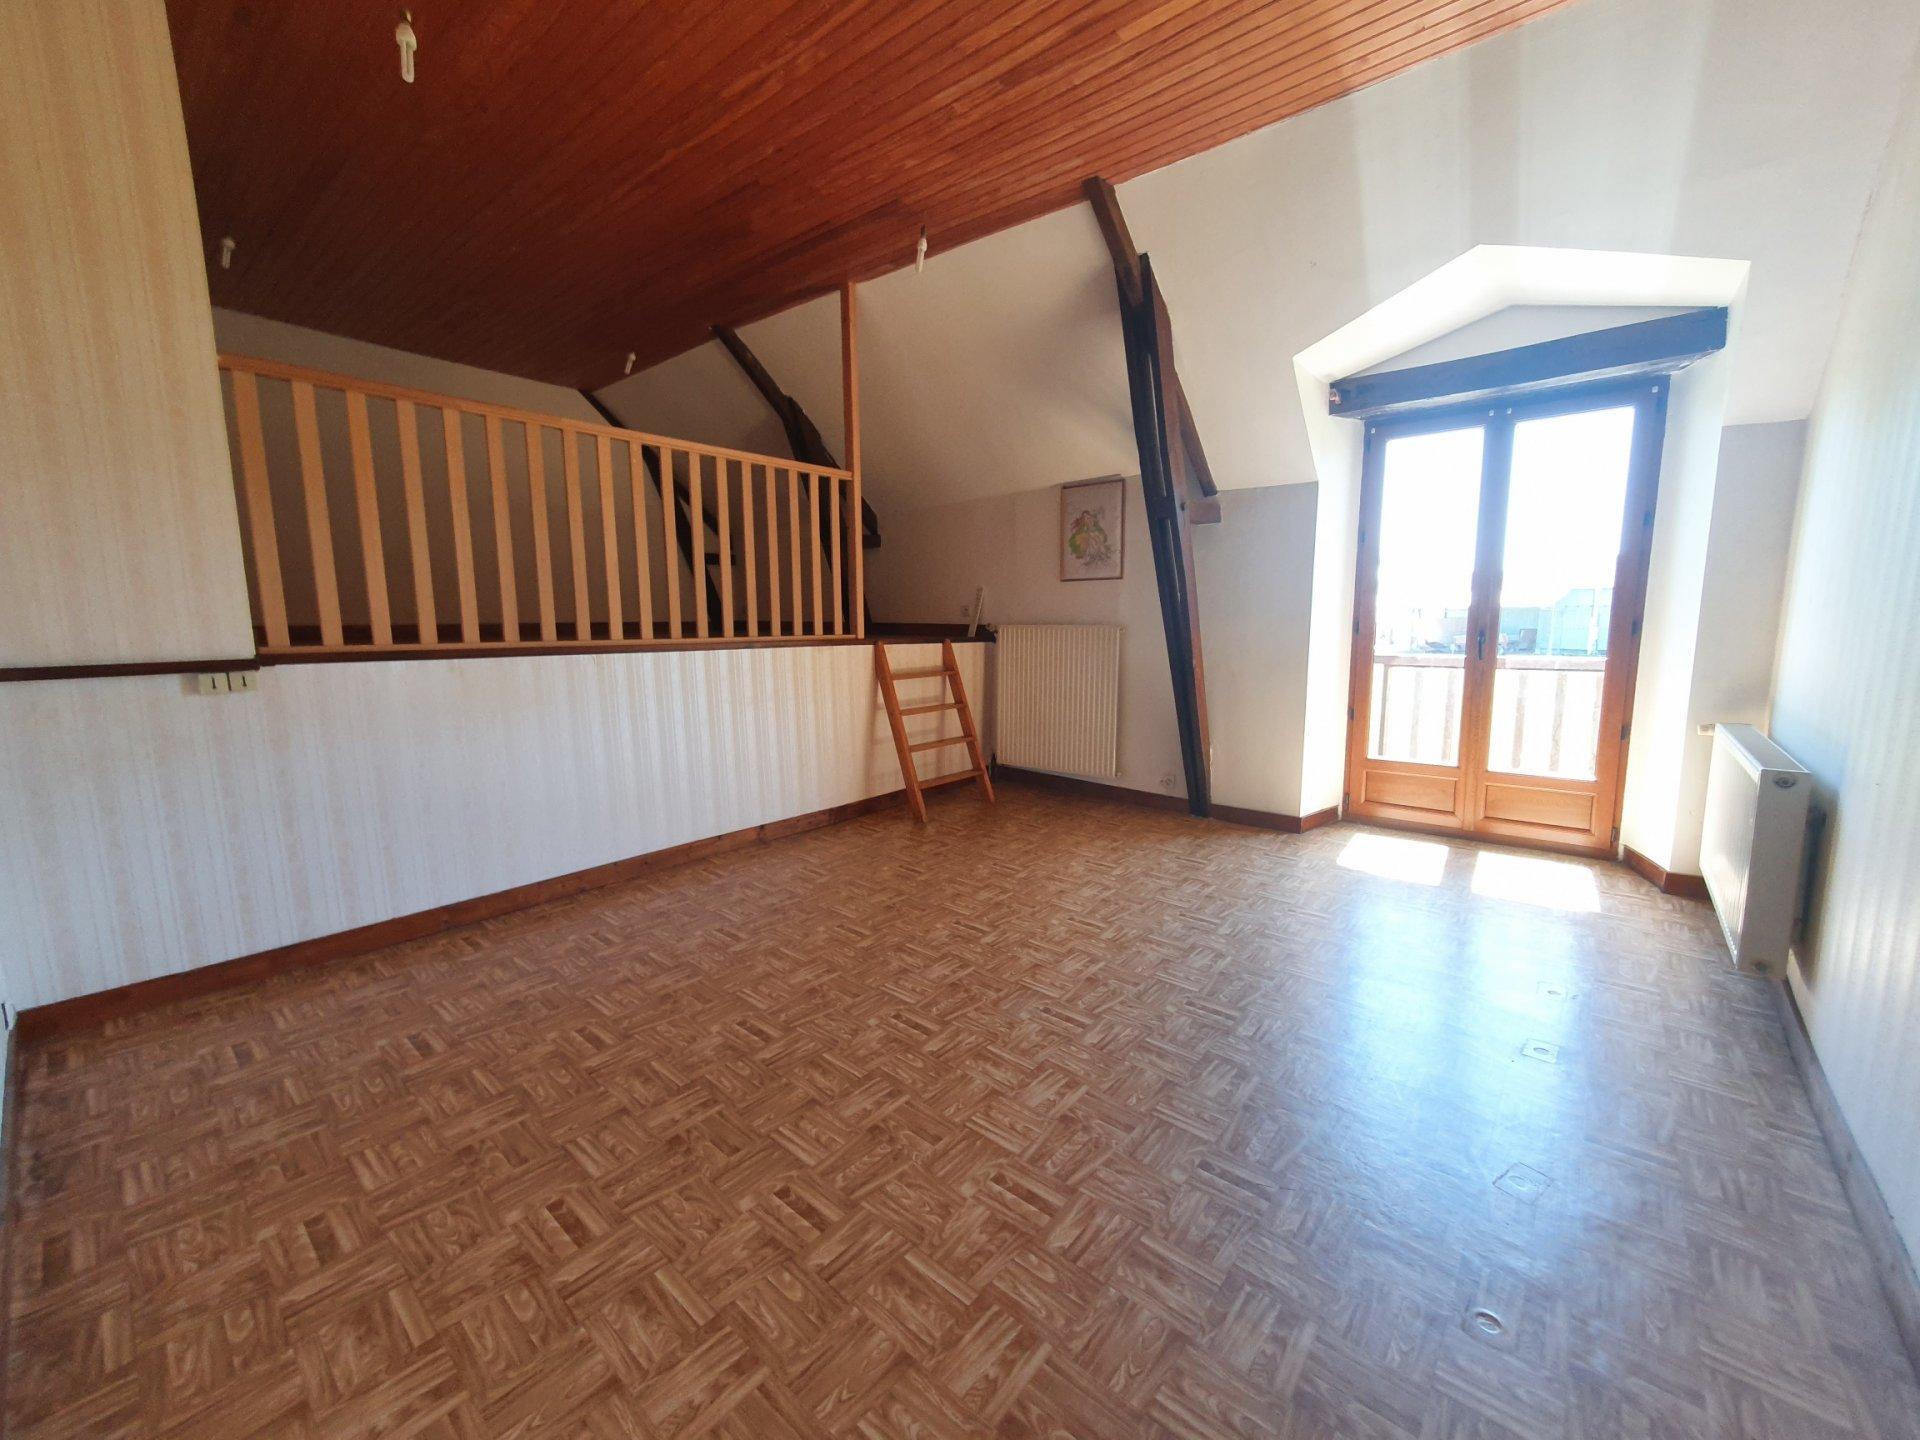 Maison 7 pièces à Treffendel